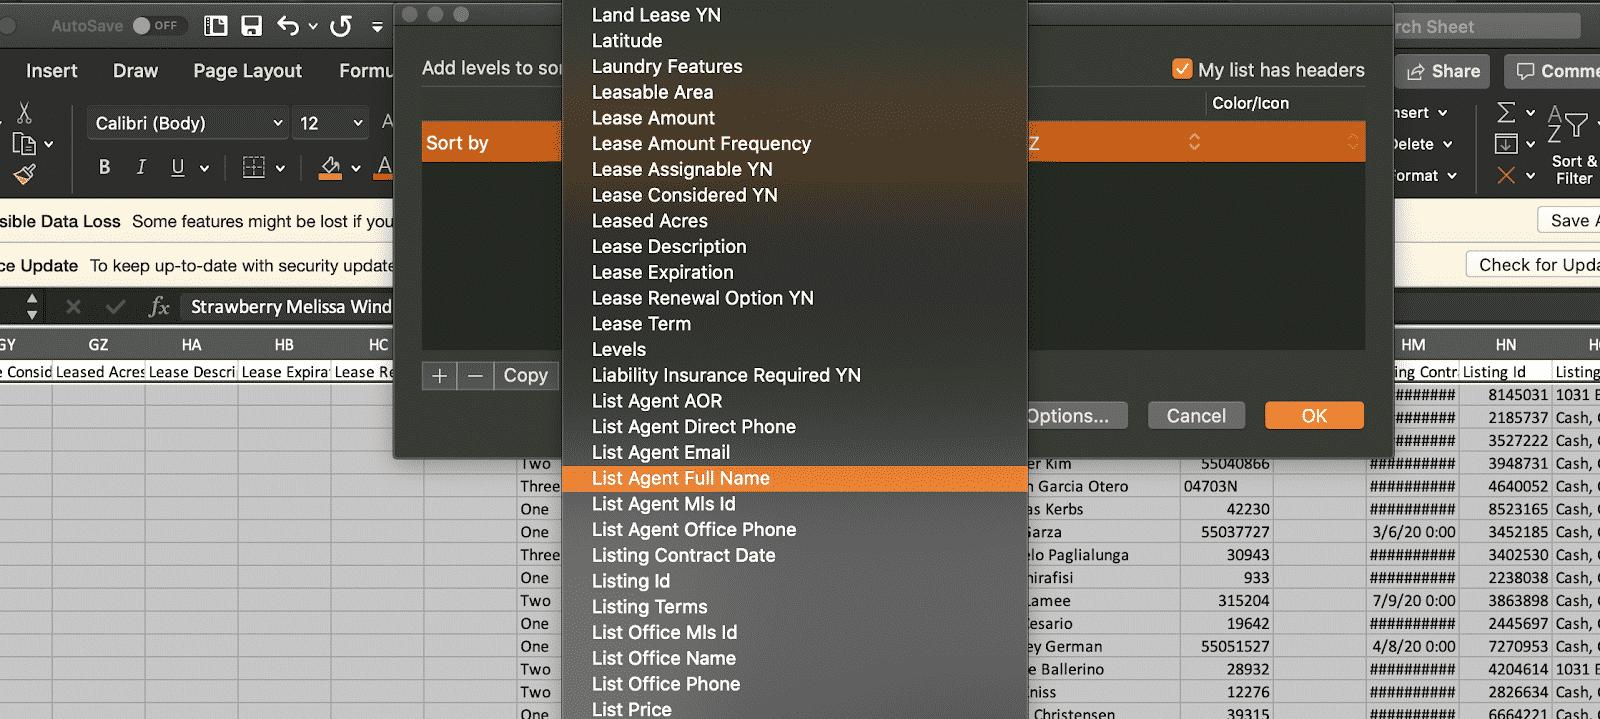 Sorting List Agent Full Name